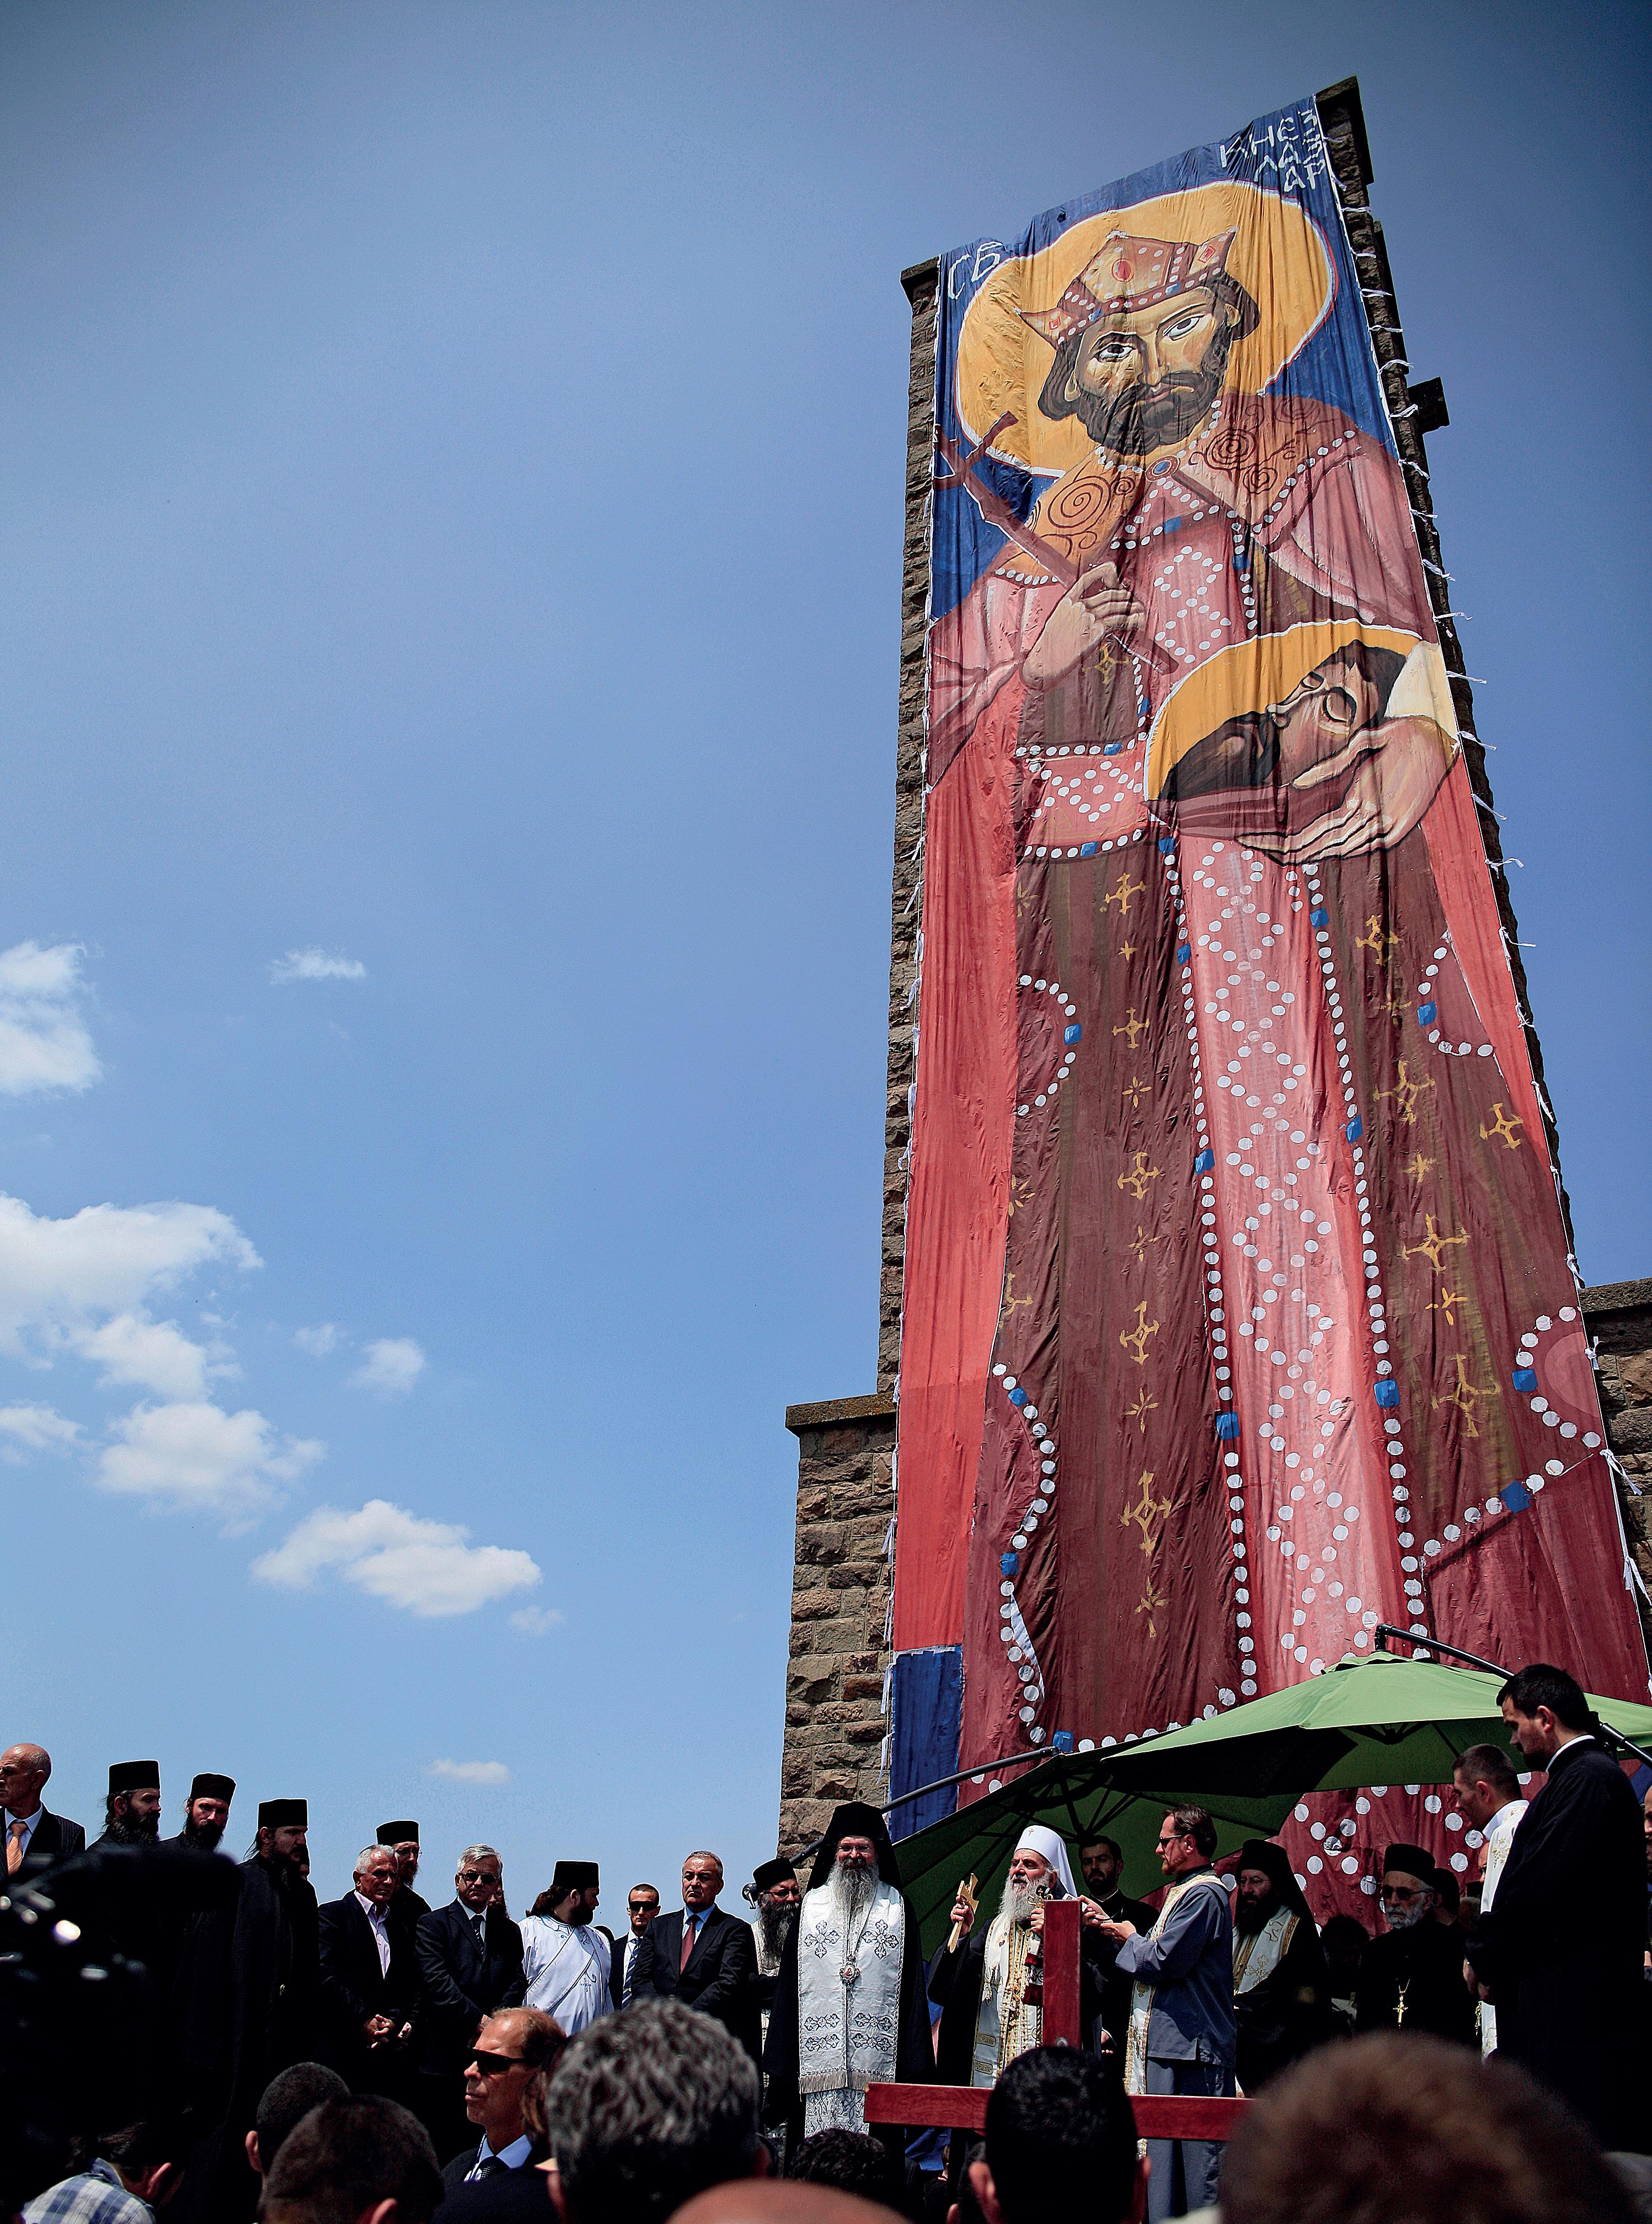 Kosovossa on Serbian ortodoksikirkon vanhimmat luostarit. Aikoinaan Slobodan Milošević nosti Kosovon Suur-Serbian keskiöön juuri historiallisten syiden takia.